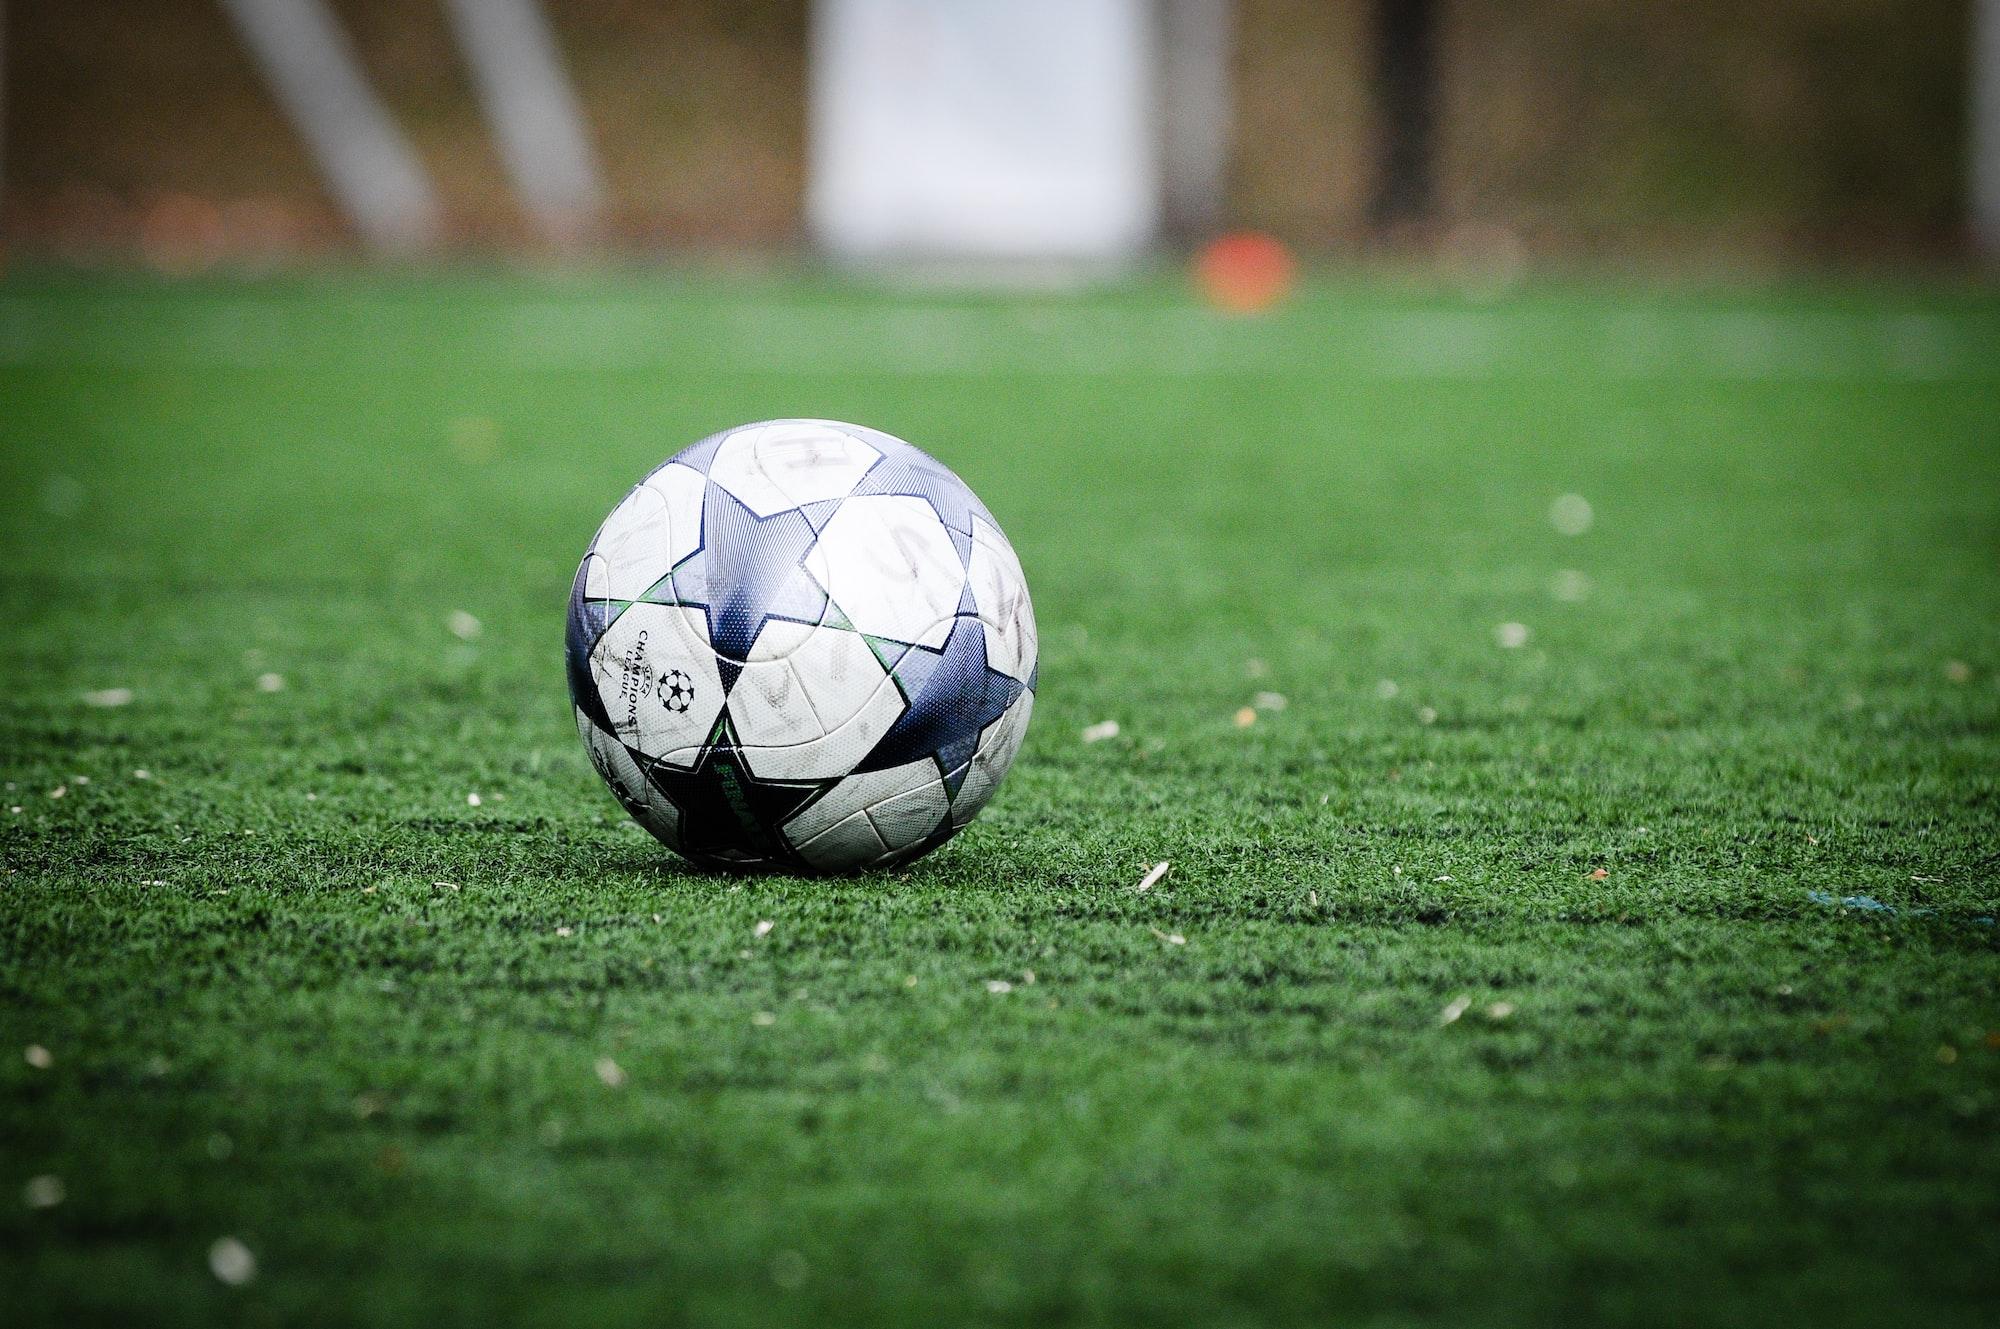 Schedina del lunedì: calcio internazionale oggi 01/03/2021